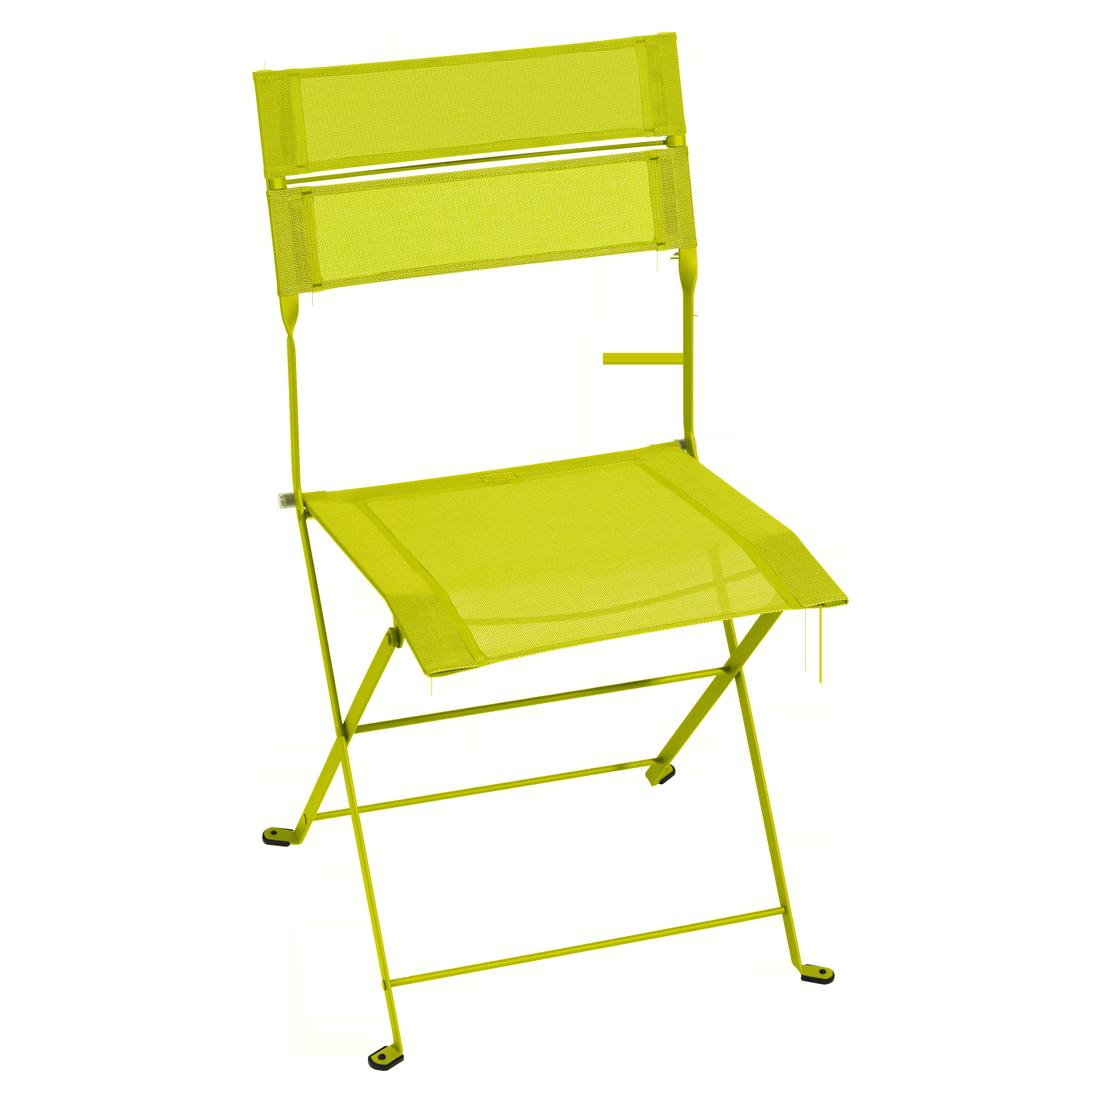 LatitudeDe Chaise En Toile Pliante Jardin vwO0mny8PN